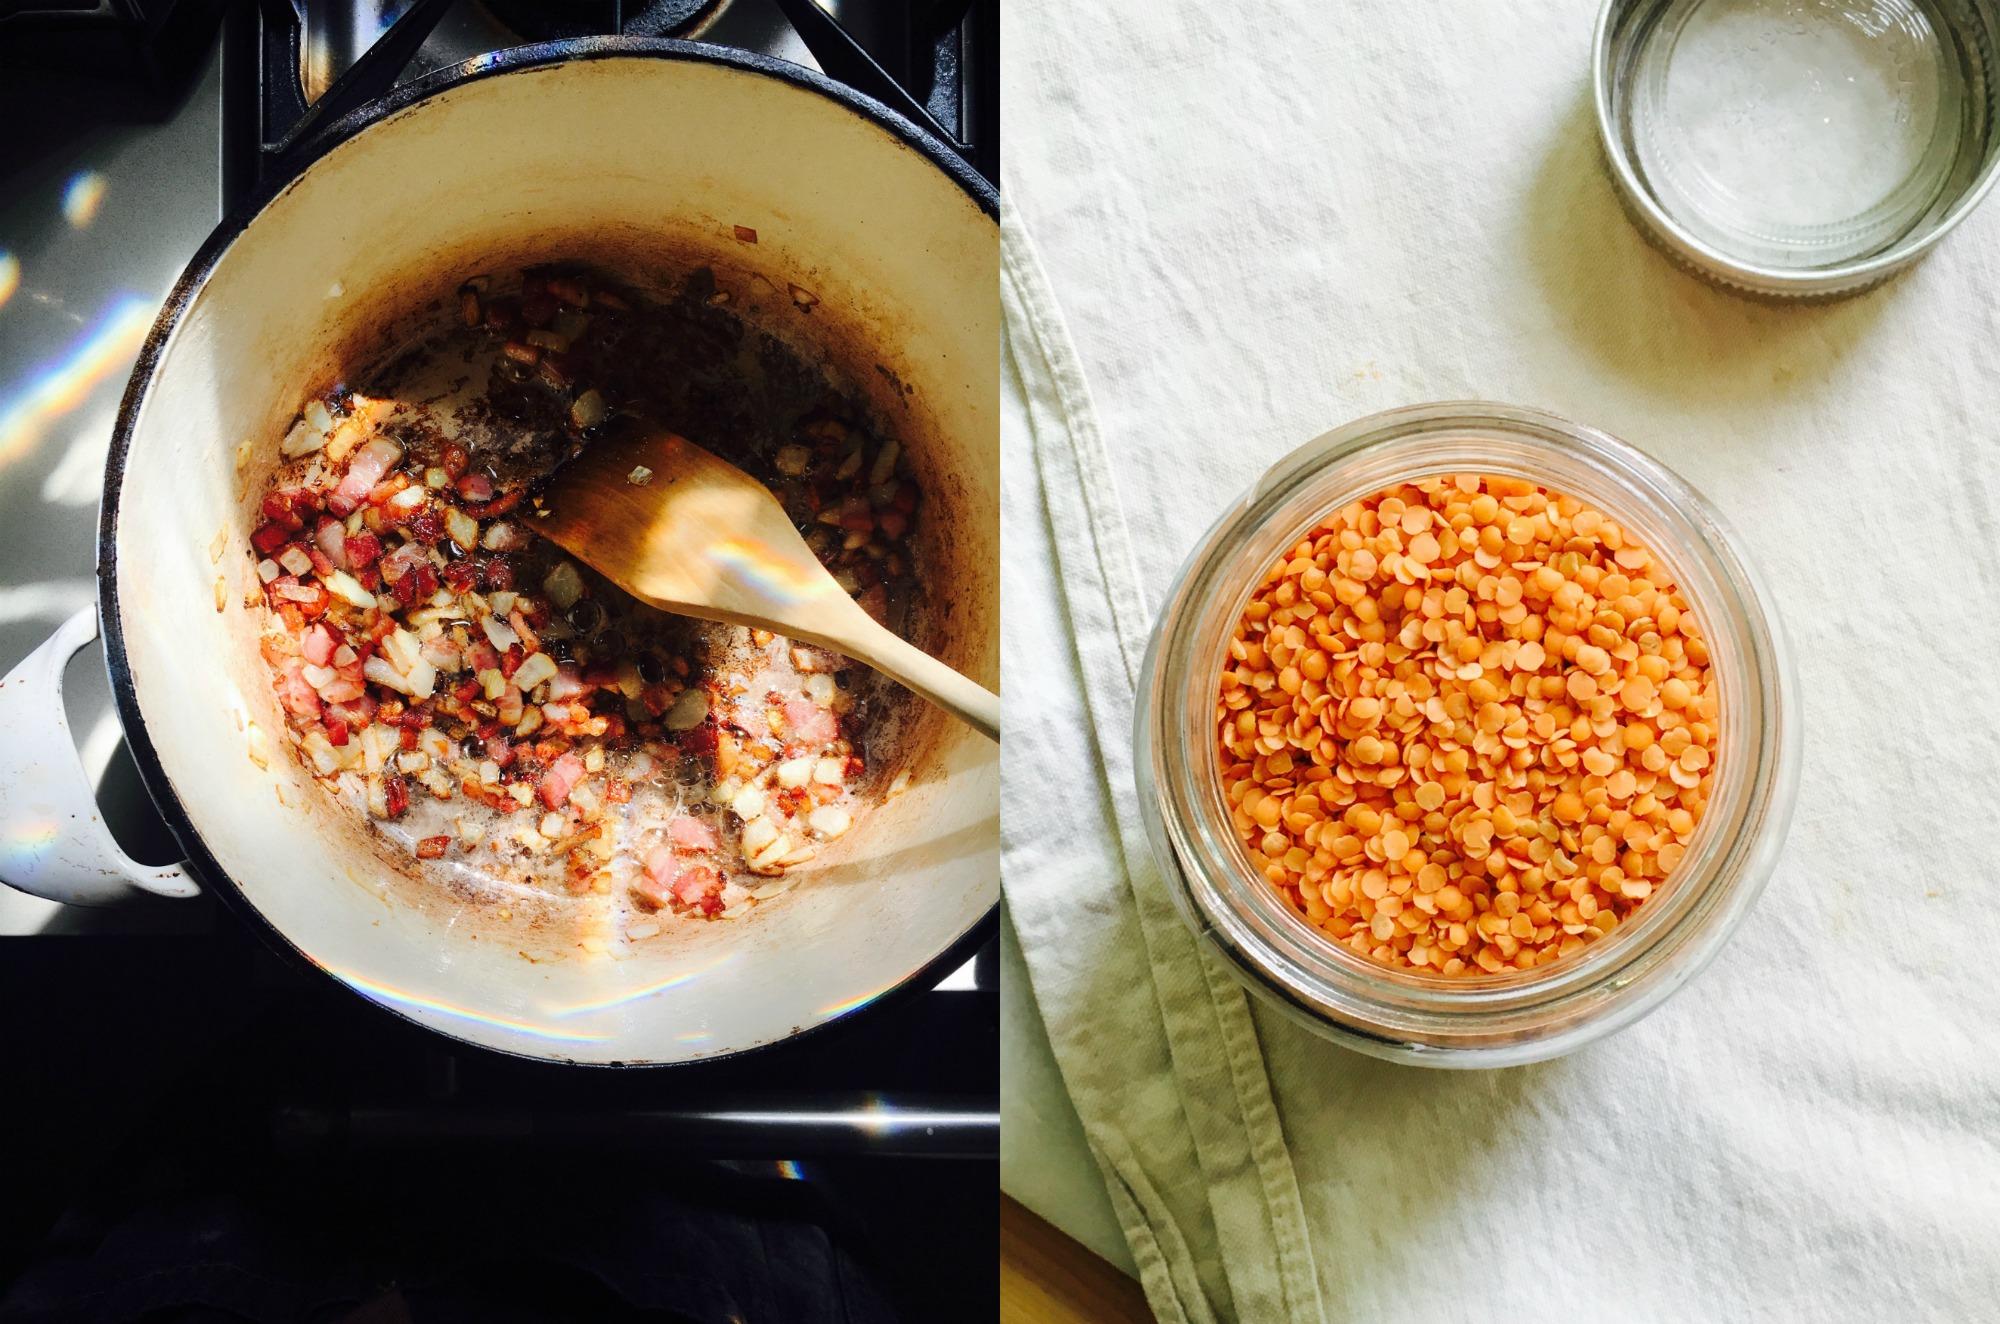 Lentils like baked beans 4